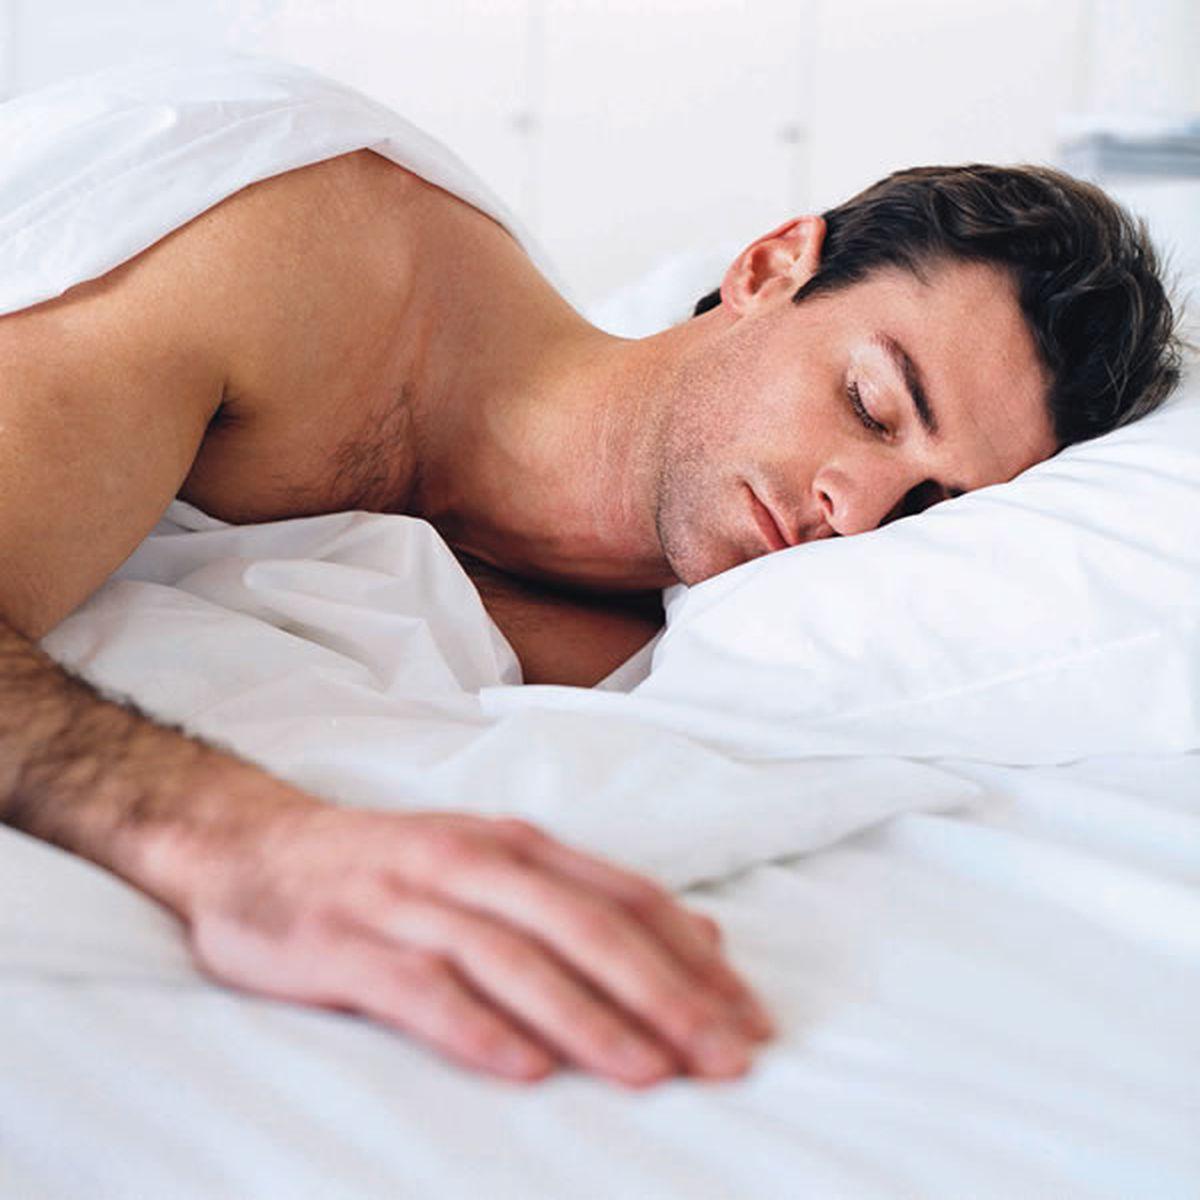 erecție privată de somn)